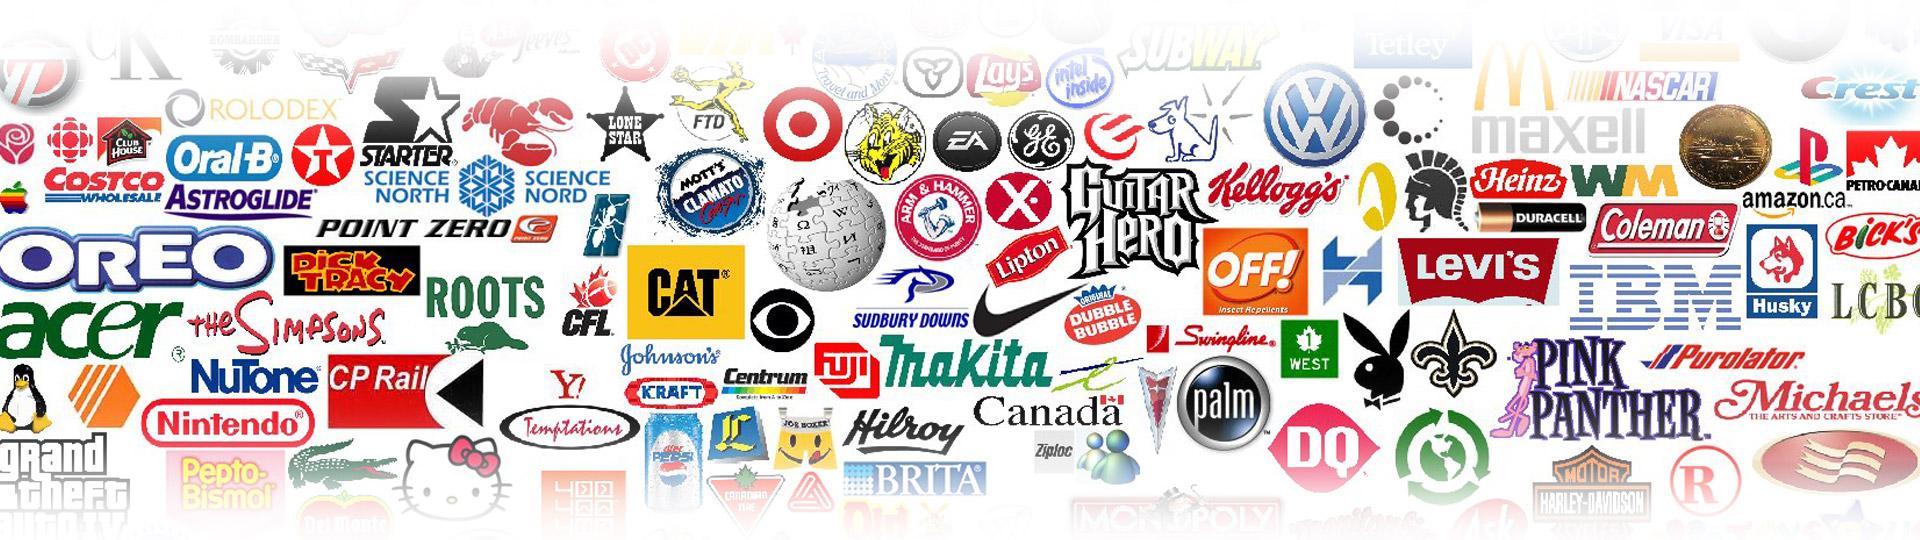 mc brands jpg